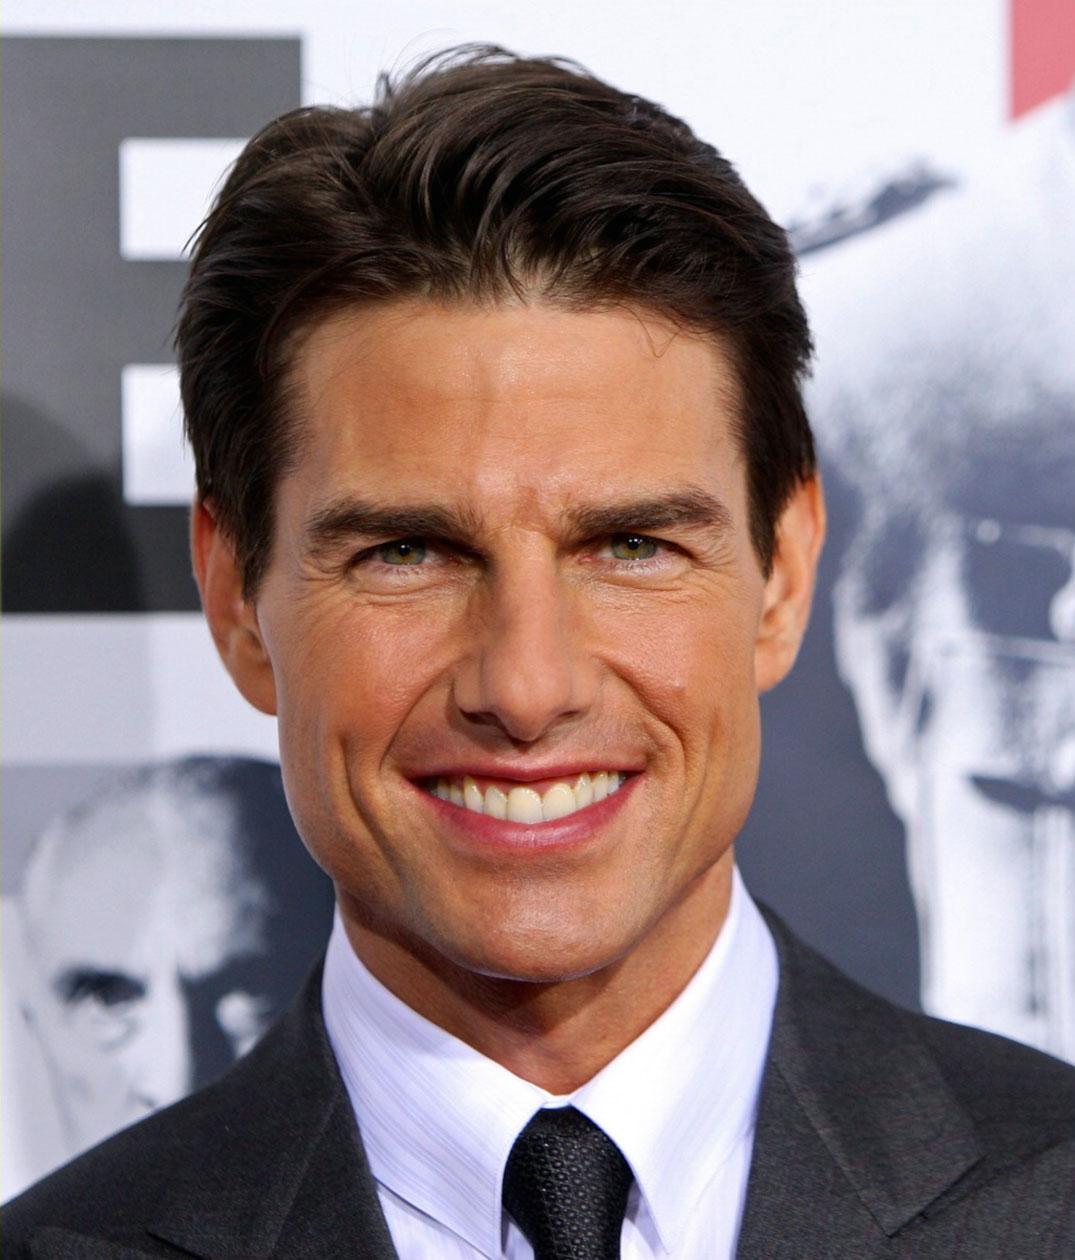 Foto di Tom Cruise